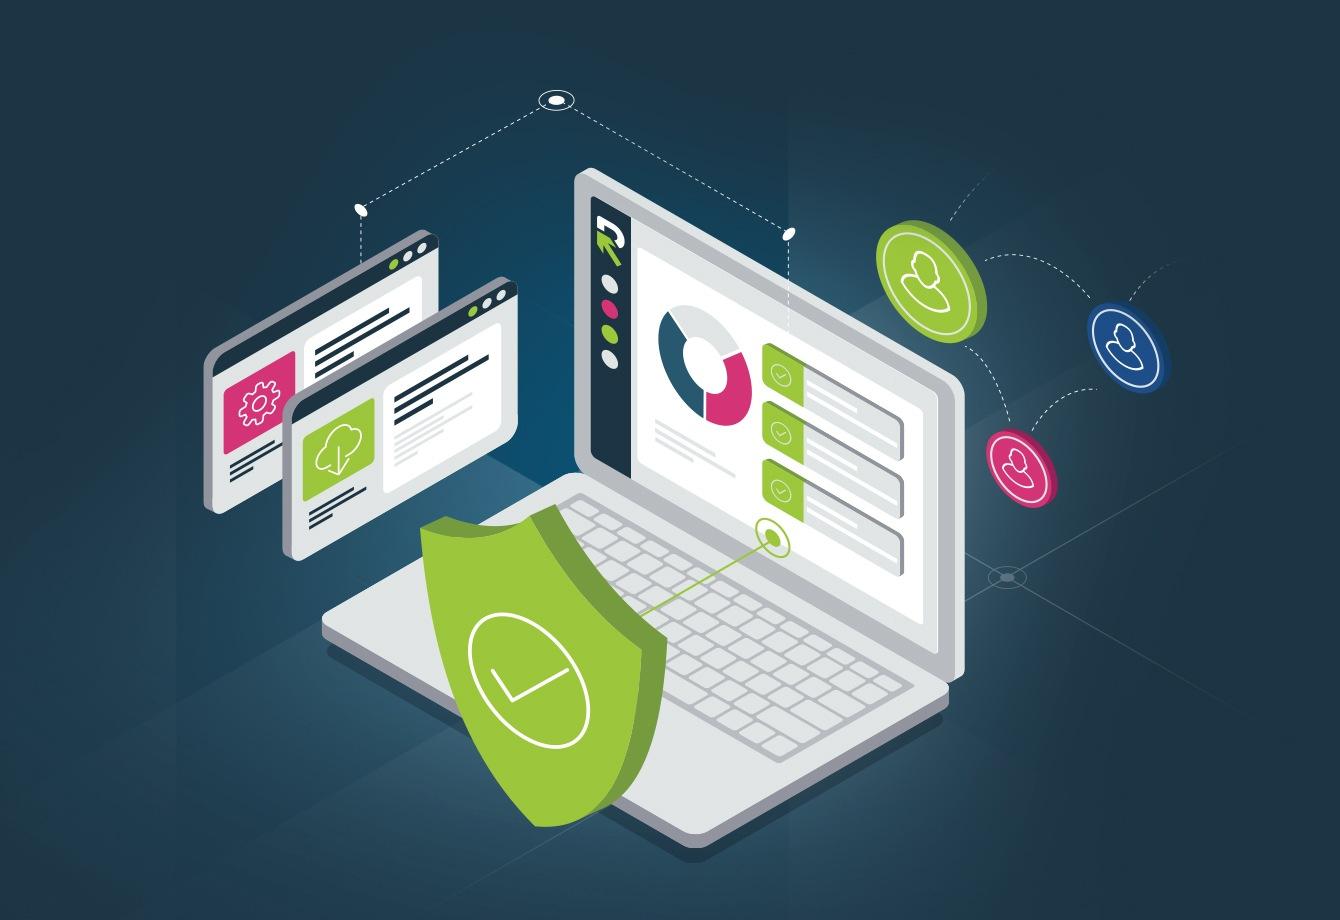 10 ways RFPIO customers can strengthen security